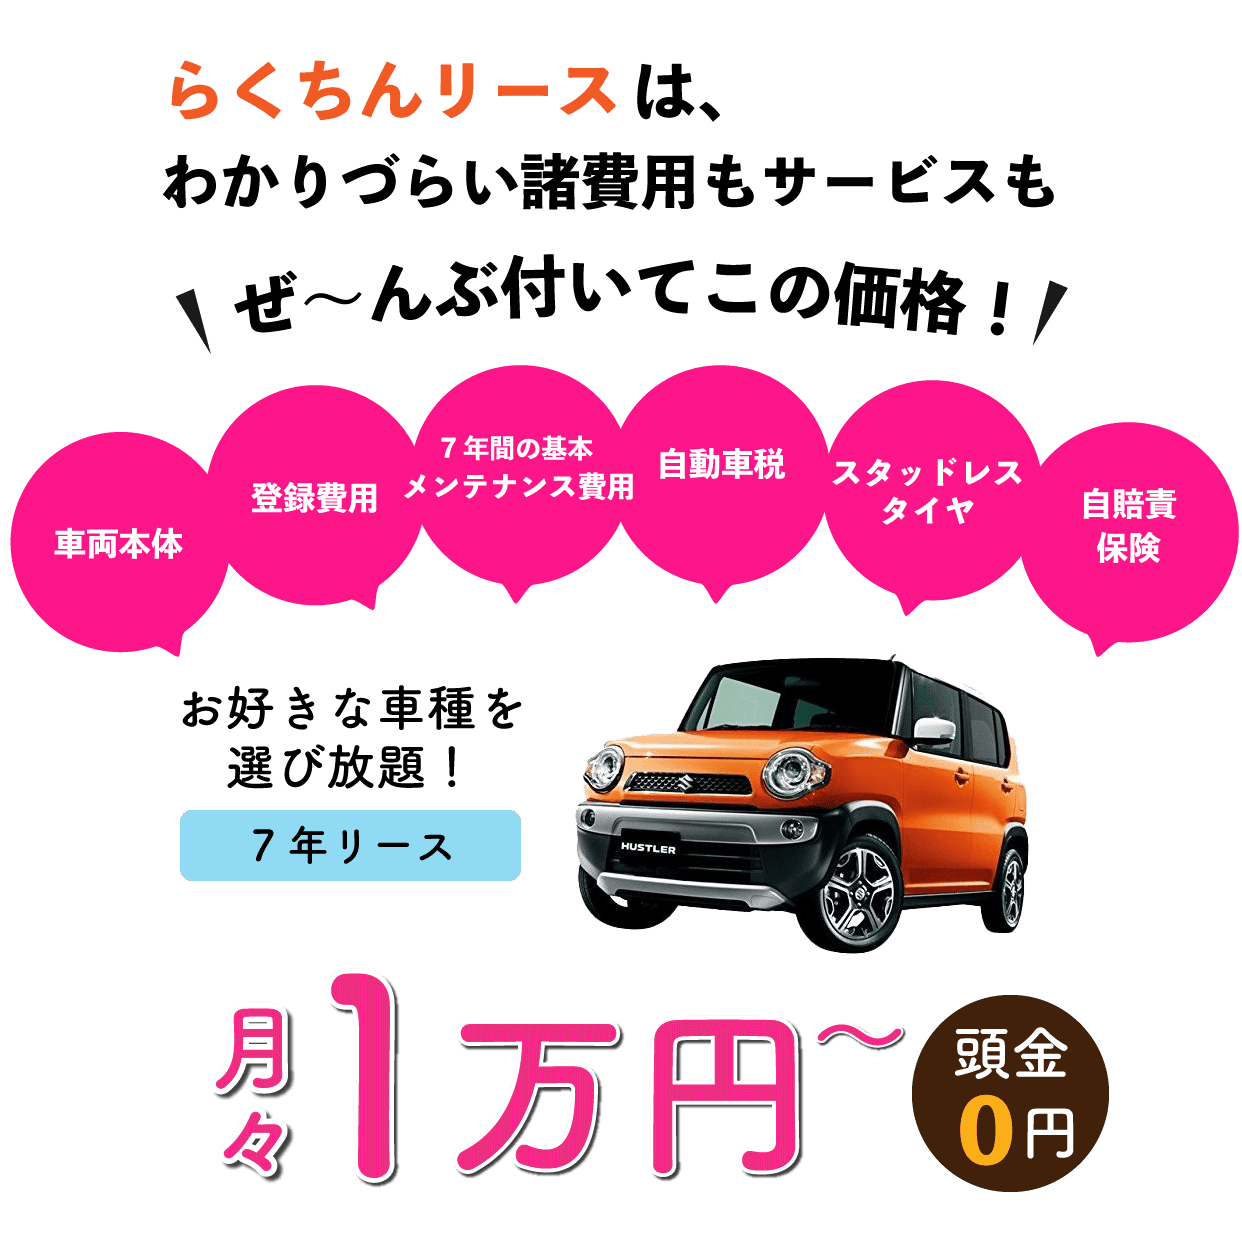 らくちんリースは、わかりづらい諸費用もサービスも全部ついて月々1万円から車をリースできます!